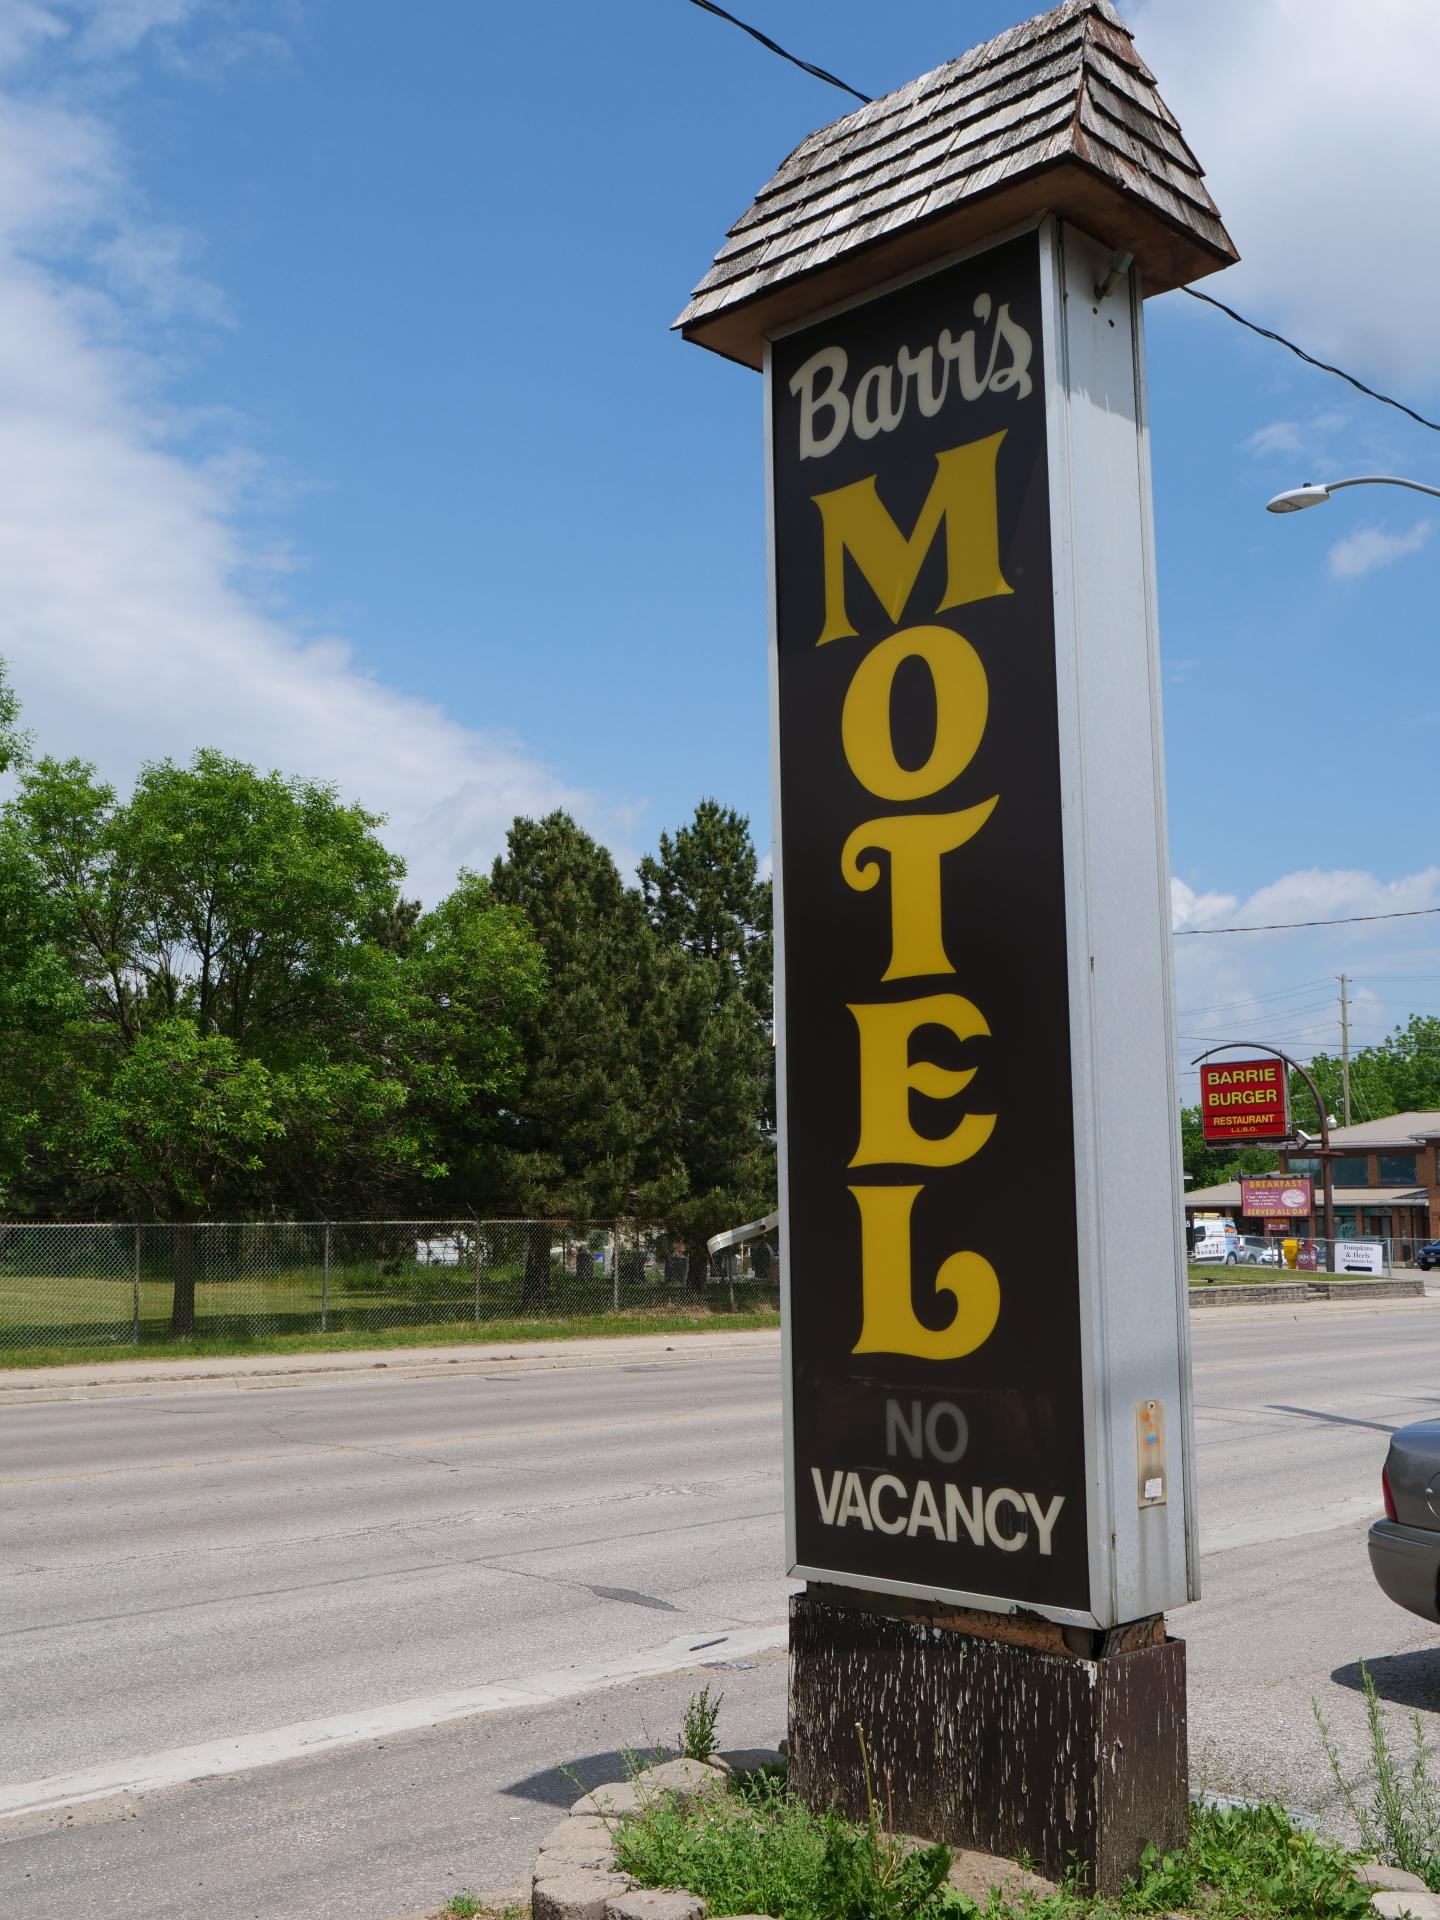 Barr's Motel Conversion